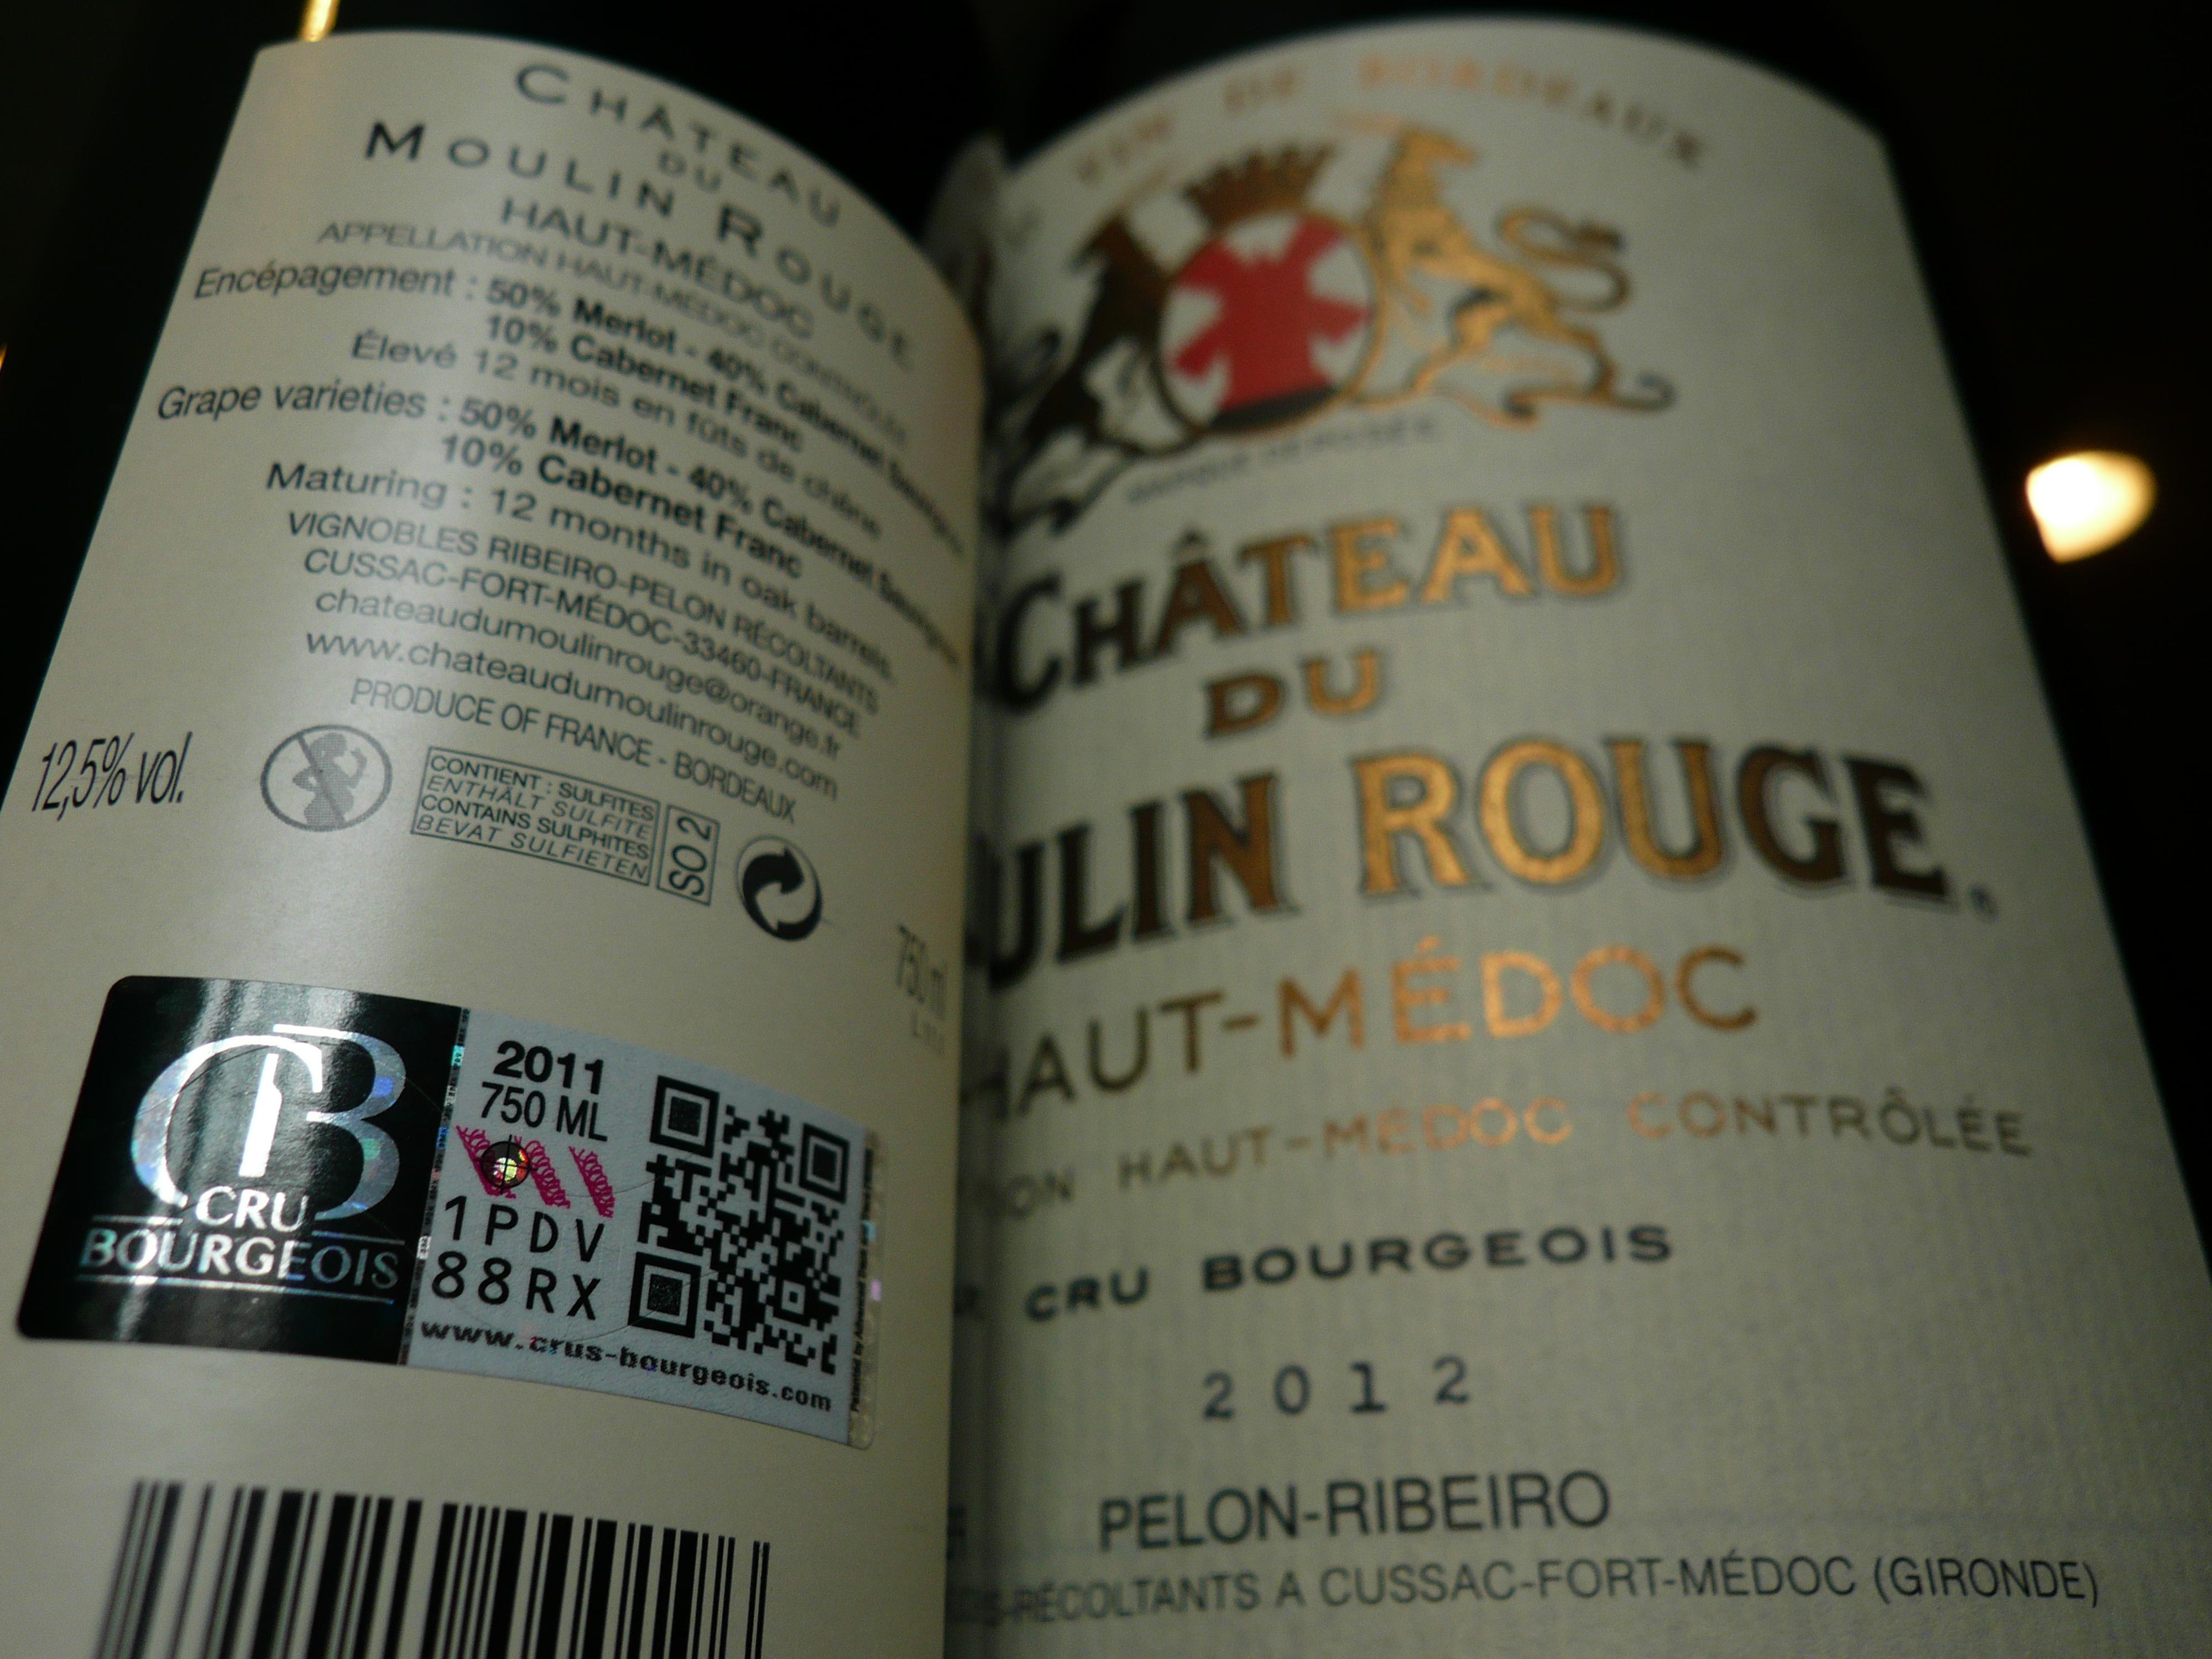 Un vin de qualité, le cru bourgeois